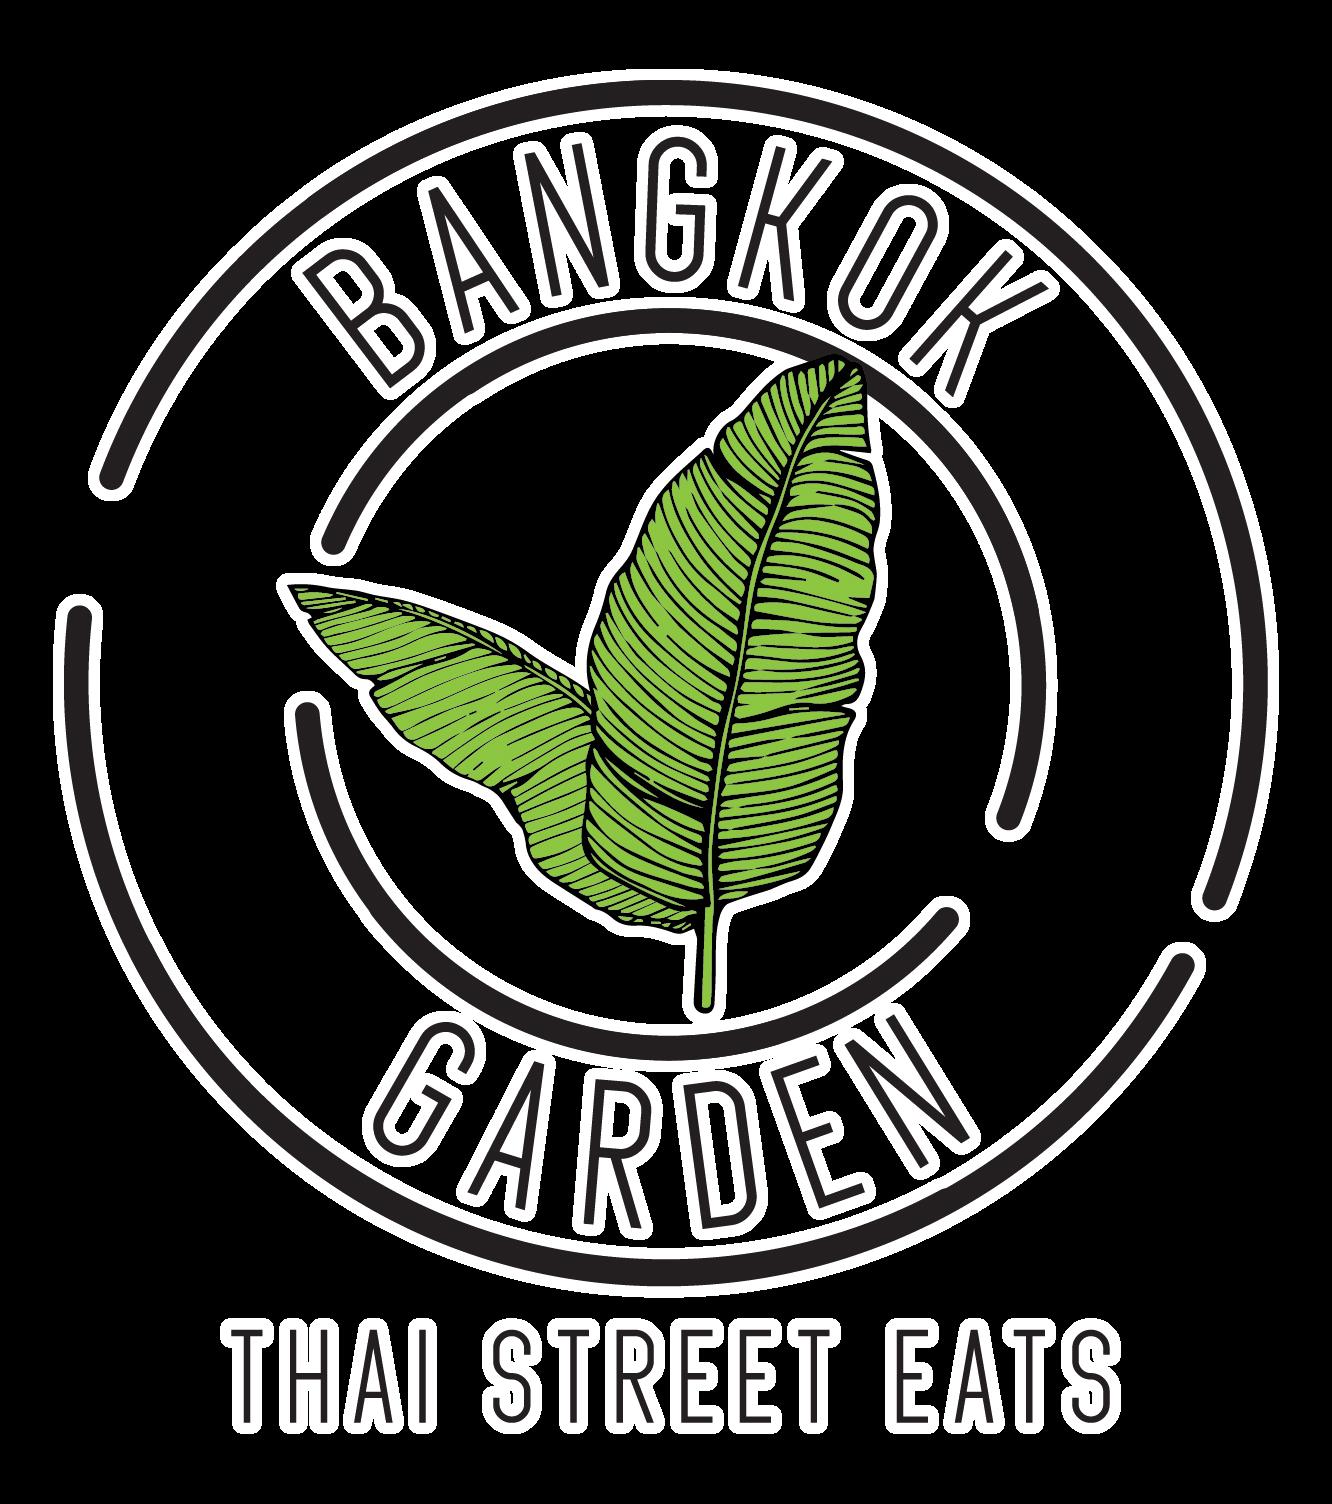 Bangkok Garden Rockville – BKG Rockville